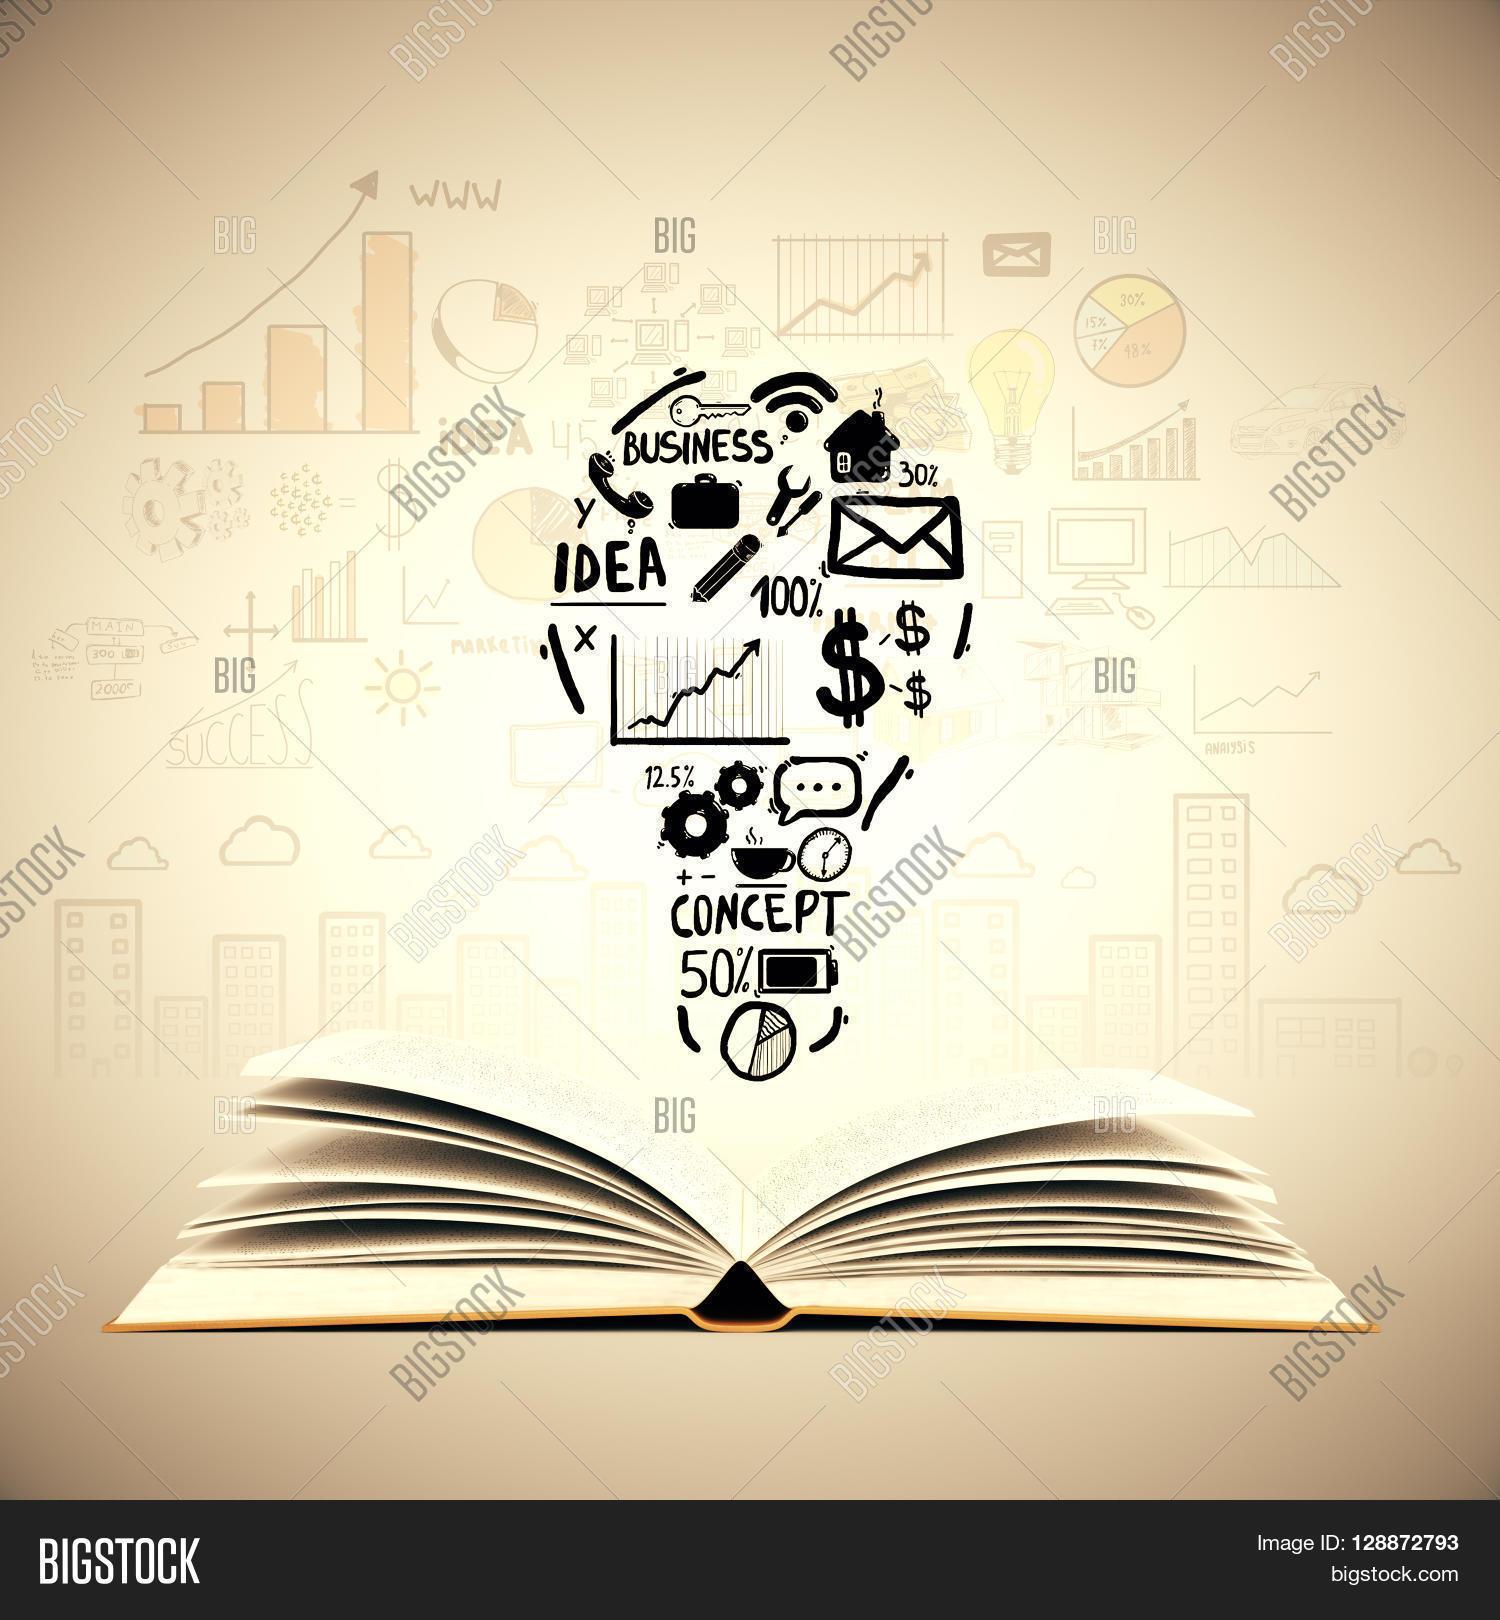 30 Creative Open Concept: Idea Concept Open Book Lightbulb Image & Photo